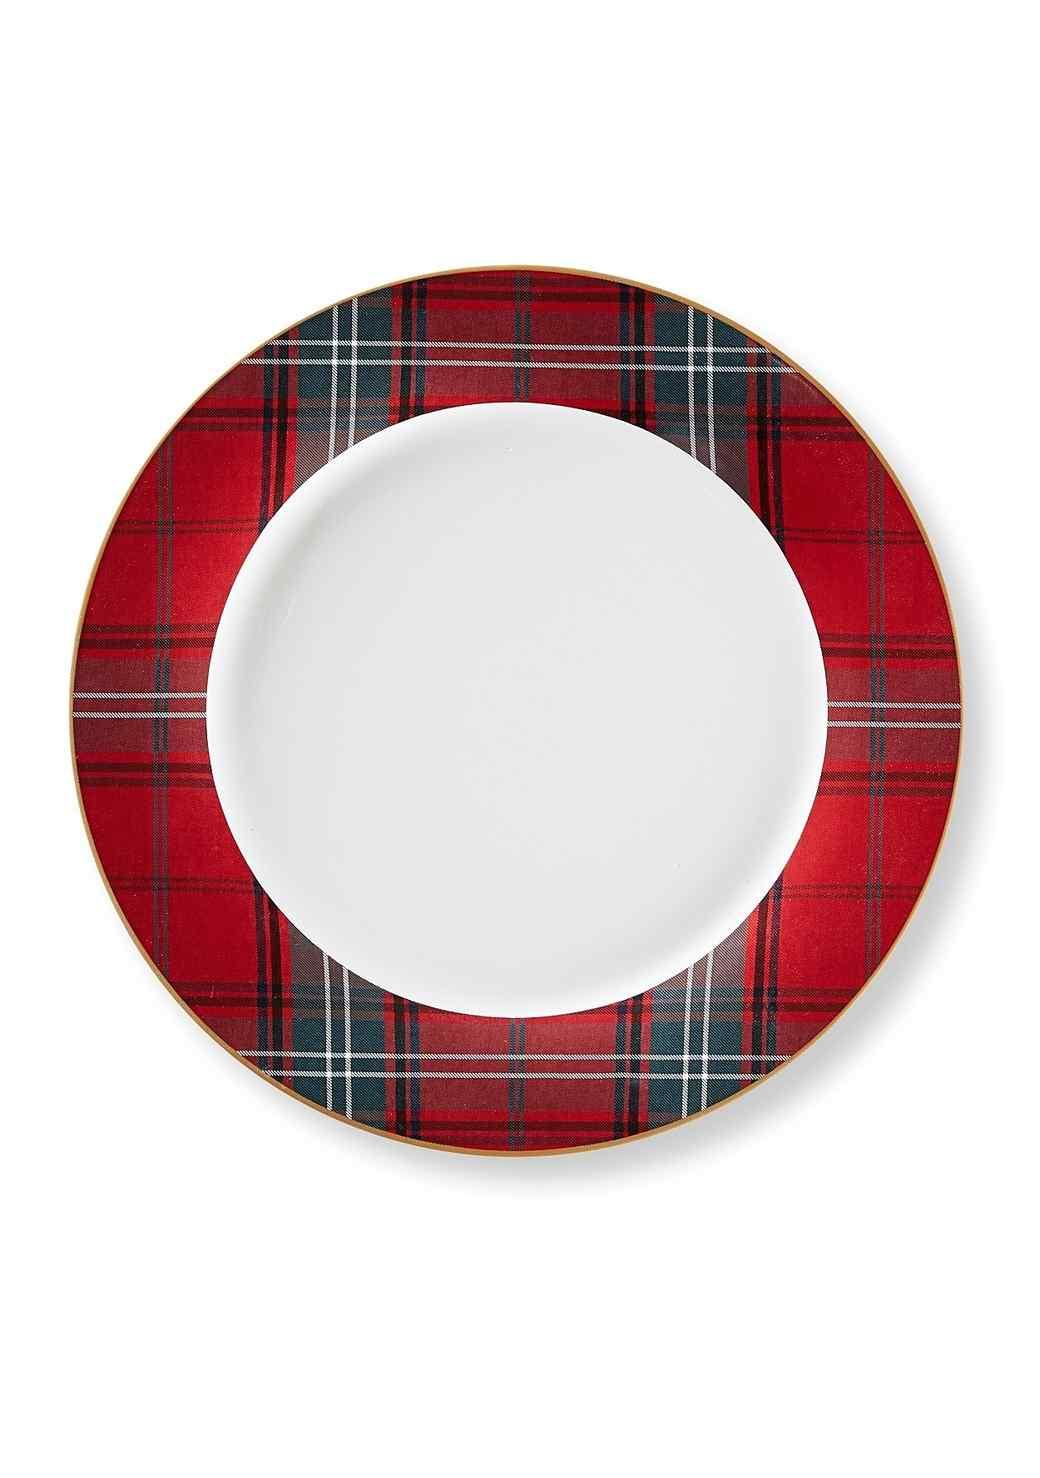 Tartan-Dinner-Plates--Set-Of-4-vs2.jpg (skyword:202883)